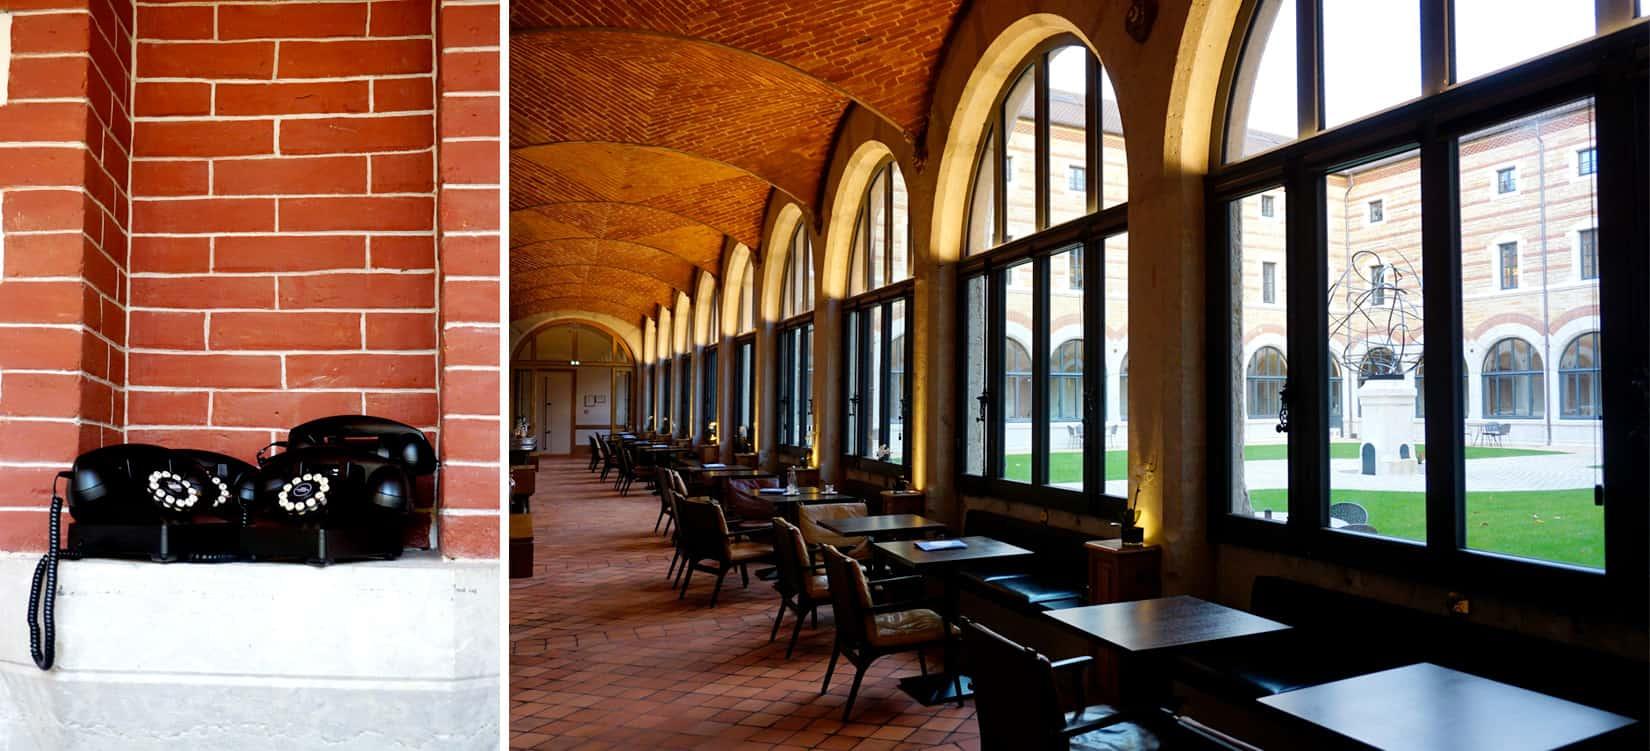 Fourvière Hôtel - Hôtel Spa Lyon 4 étoiles - Restaurant bistronomique Les téléphones dans le péristyle du cloître